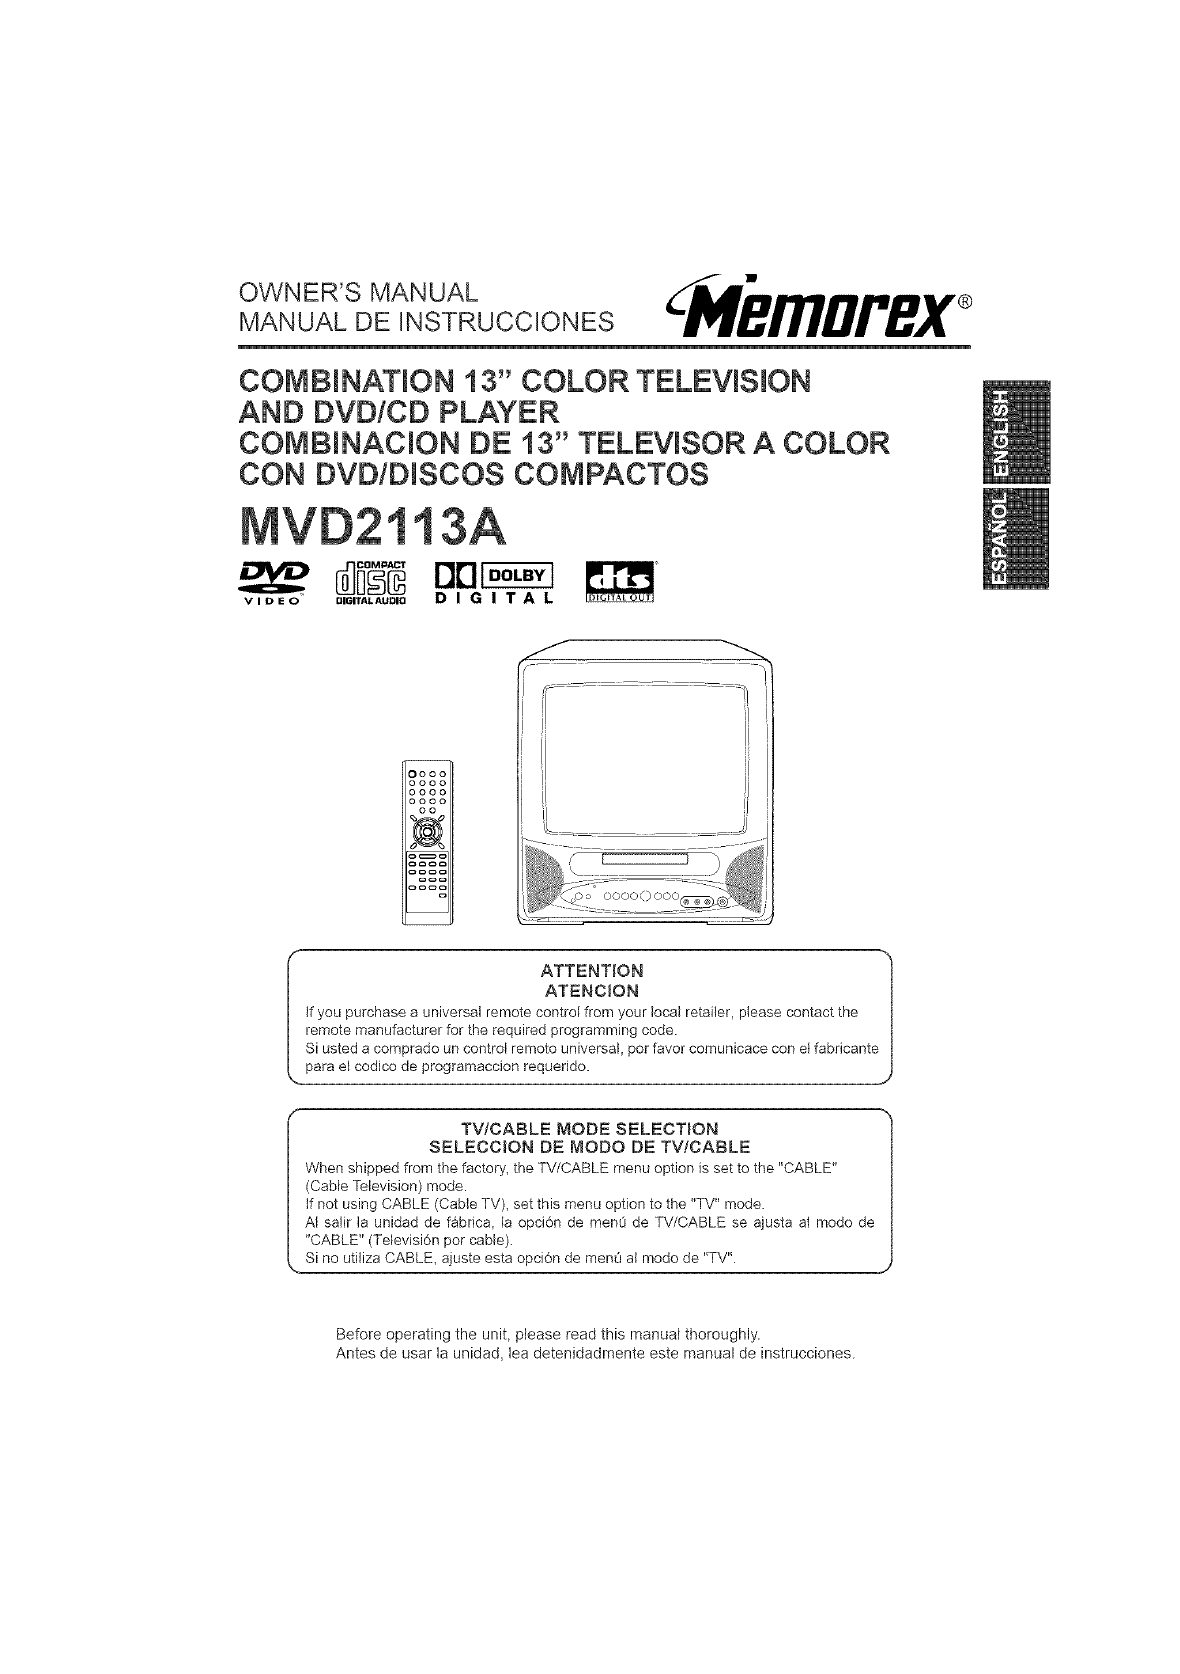 Memorex manual de cámara del vídeo